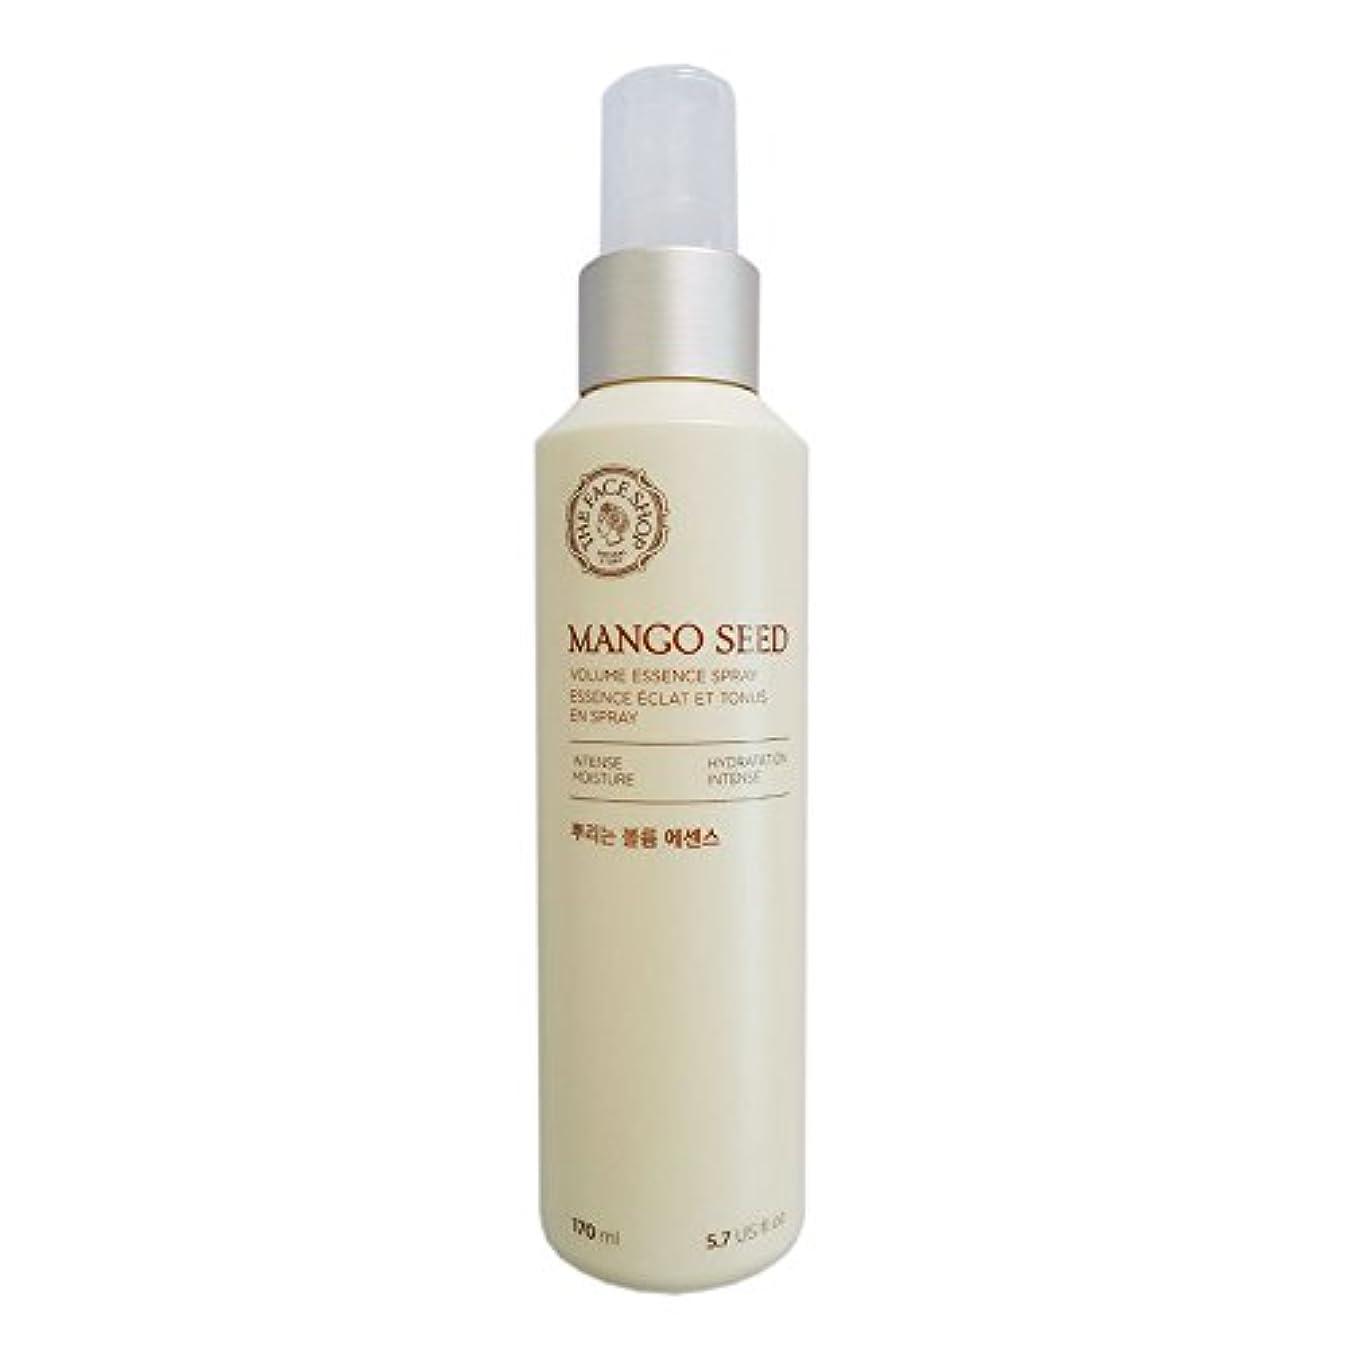 赤面ちっちゃい受付[ザフェイスショップ] THE FACE SHOP マンゴシードスプレーボリューム?エッセンス(170ml) The Face Shop Mango Seed Volume Essence Spray (170ml) [海外直送品]